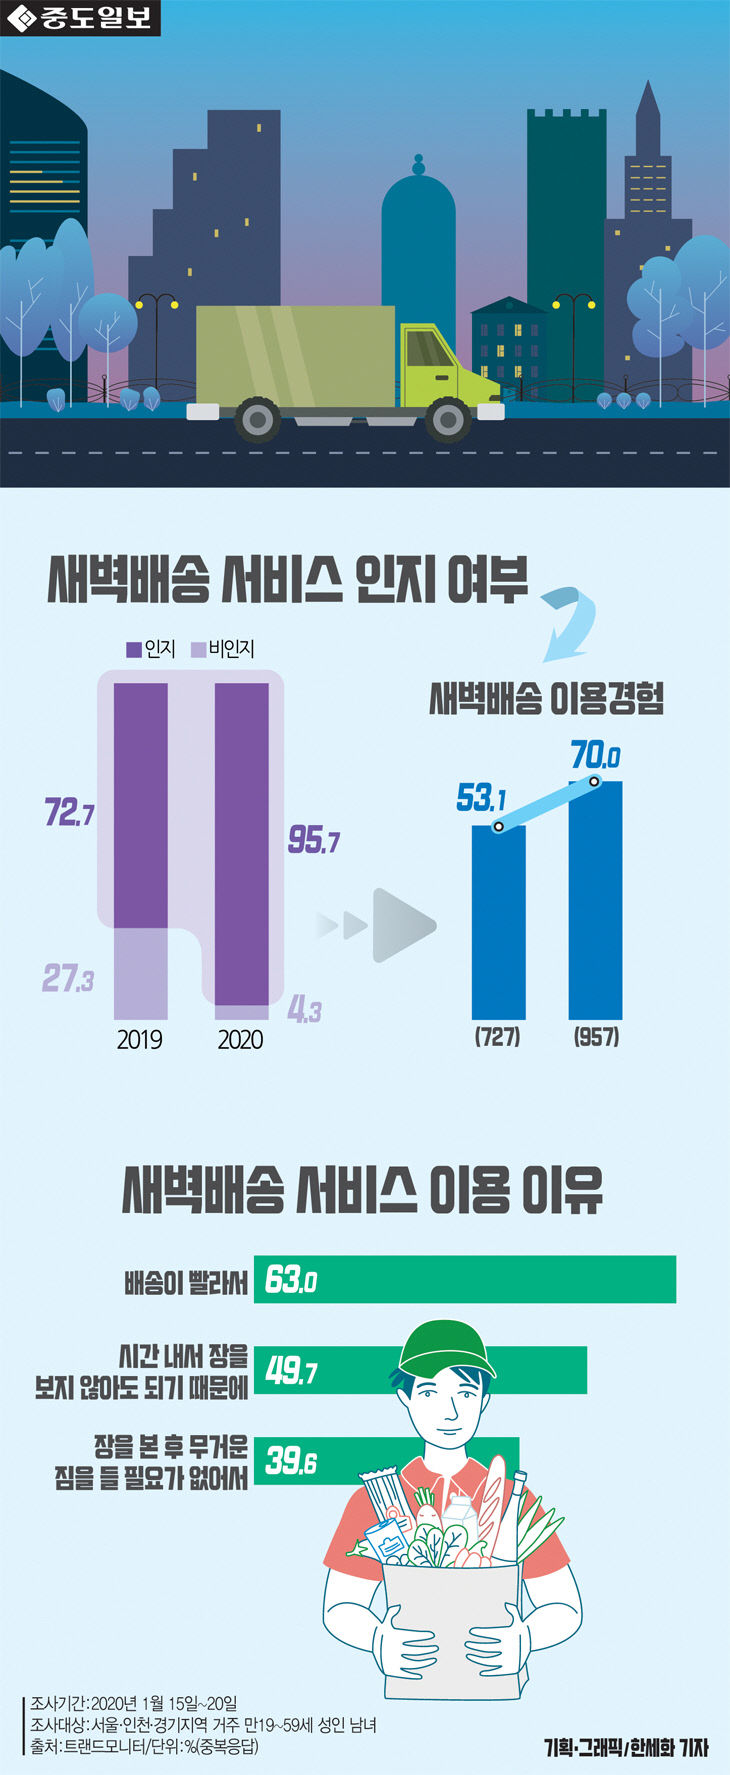 [인포그래픽] `새벽배송`서비스 인지도 급증... 이용 이유는?